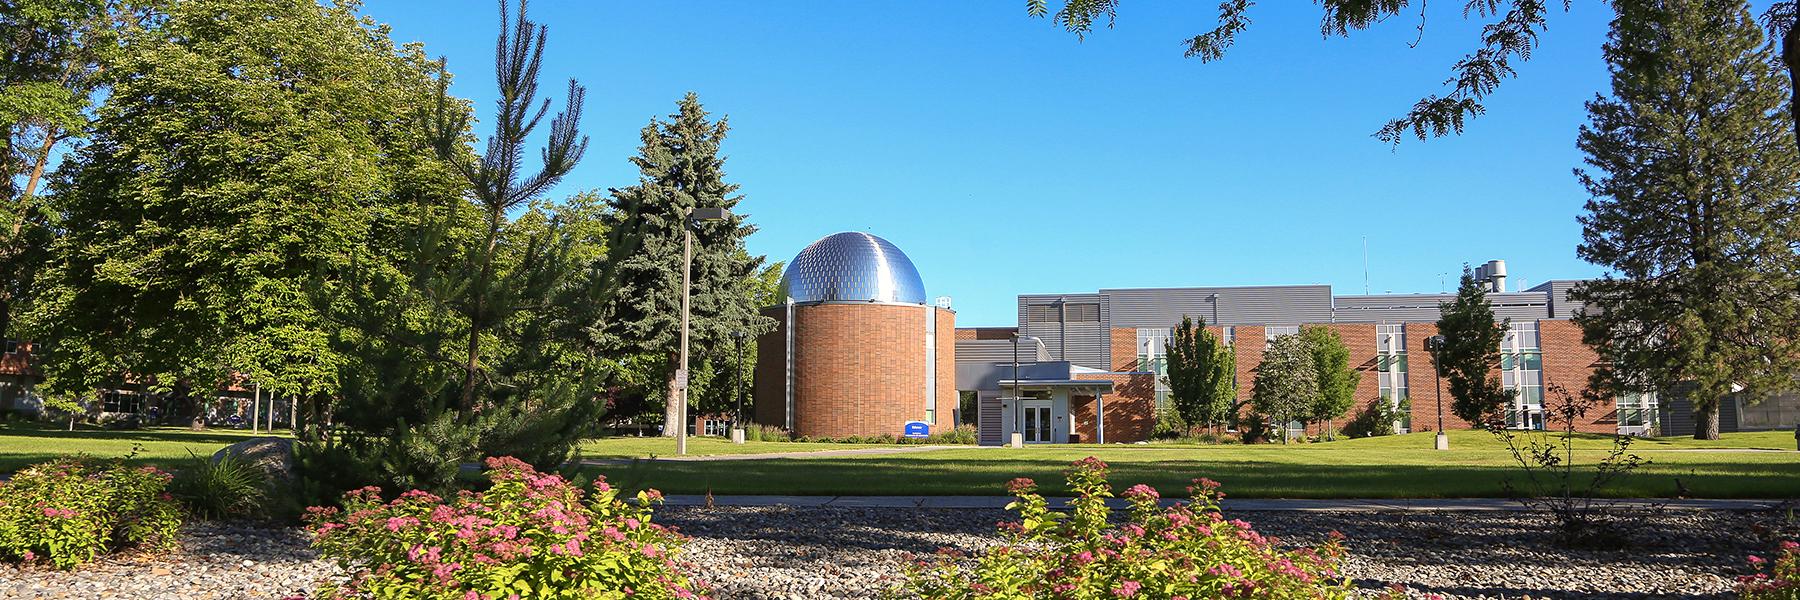 Planetarium in the summer